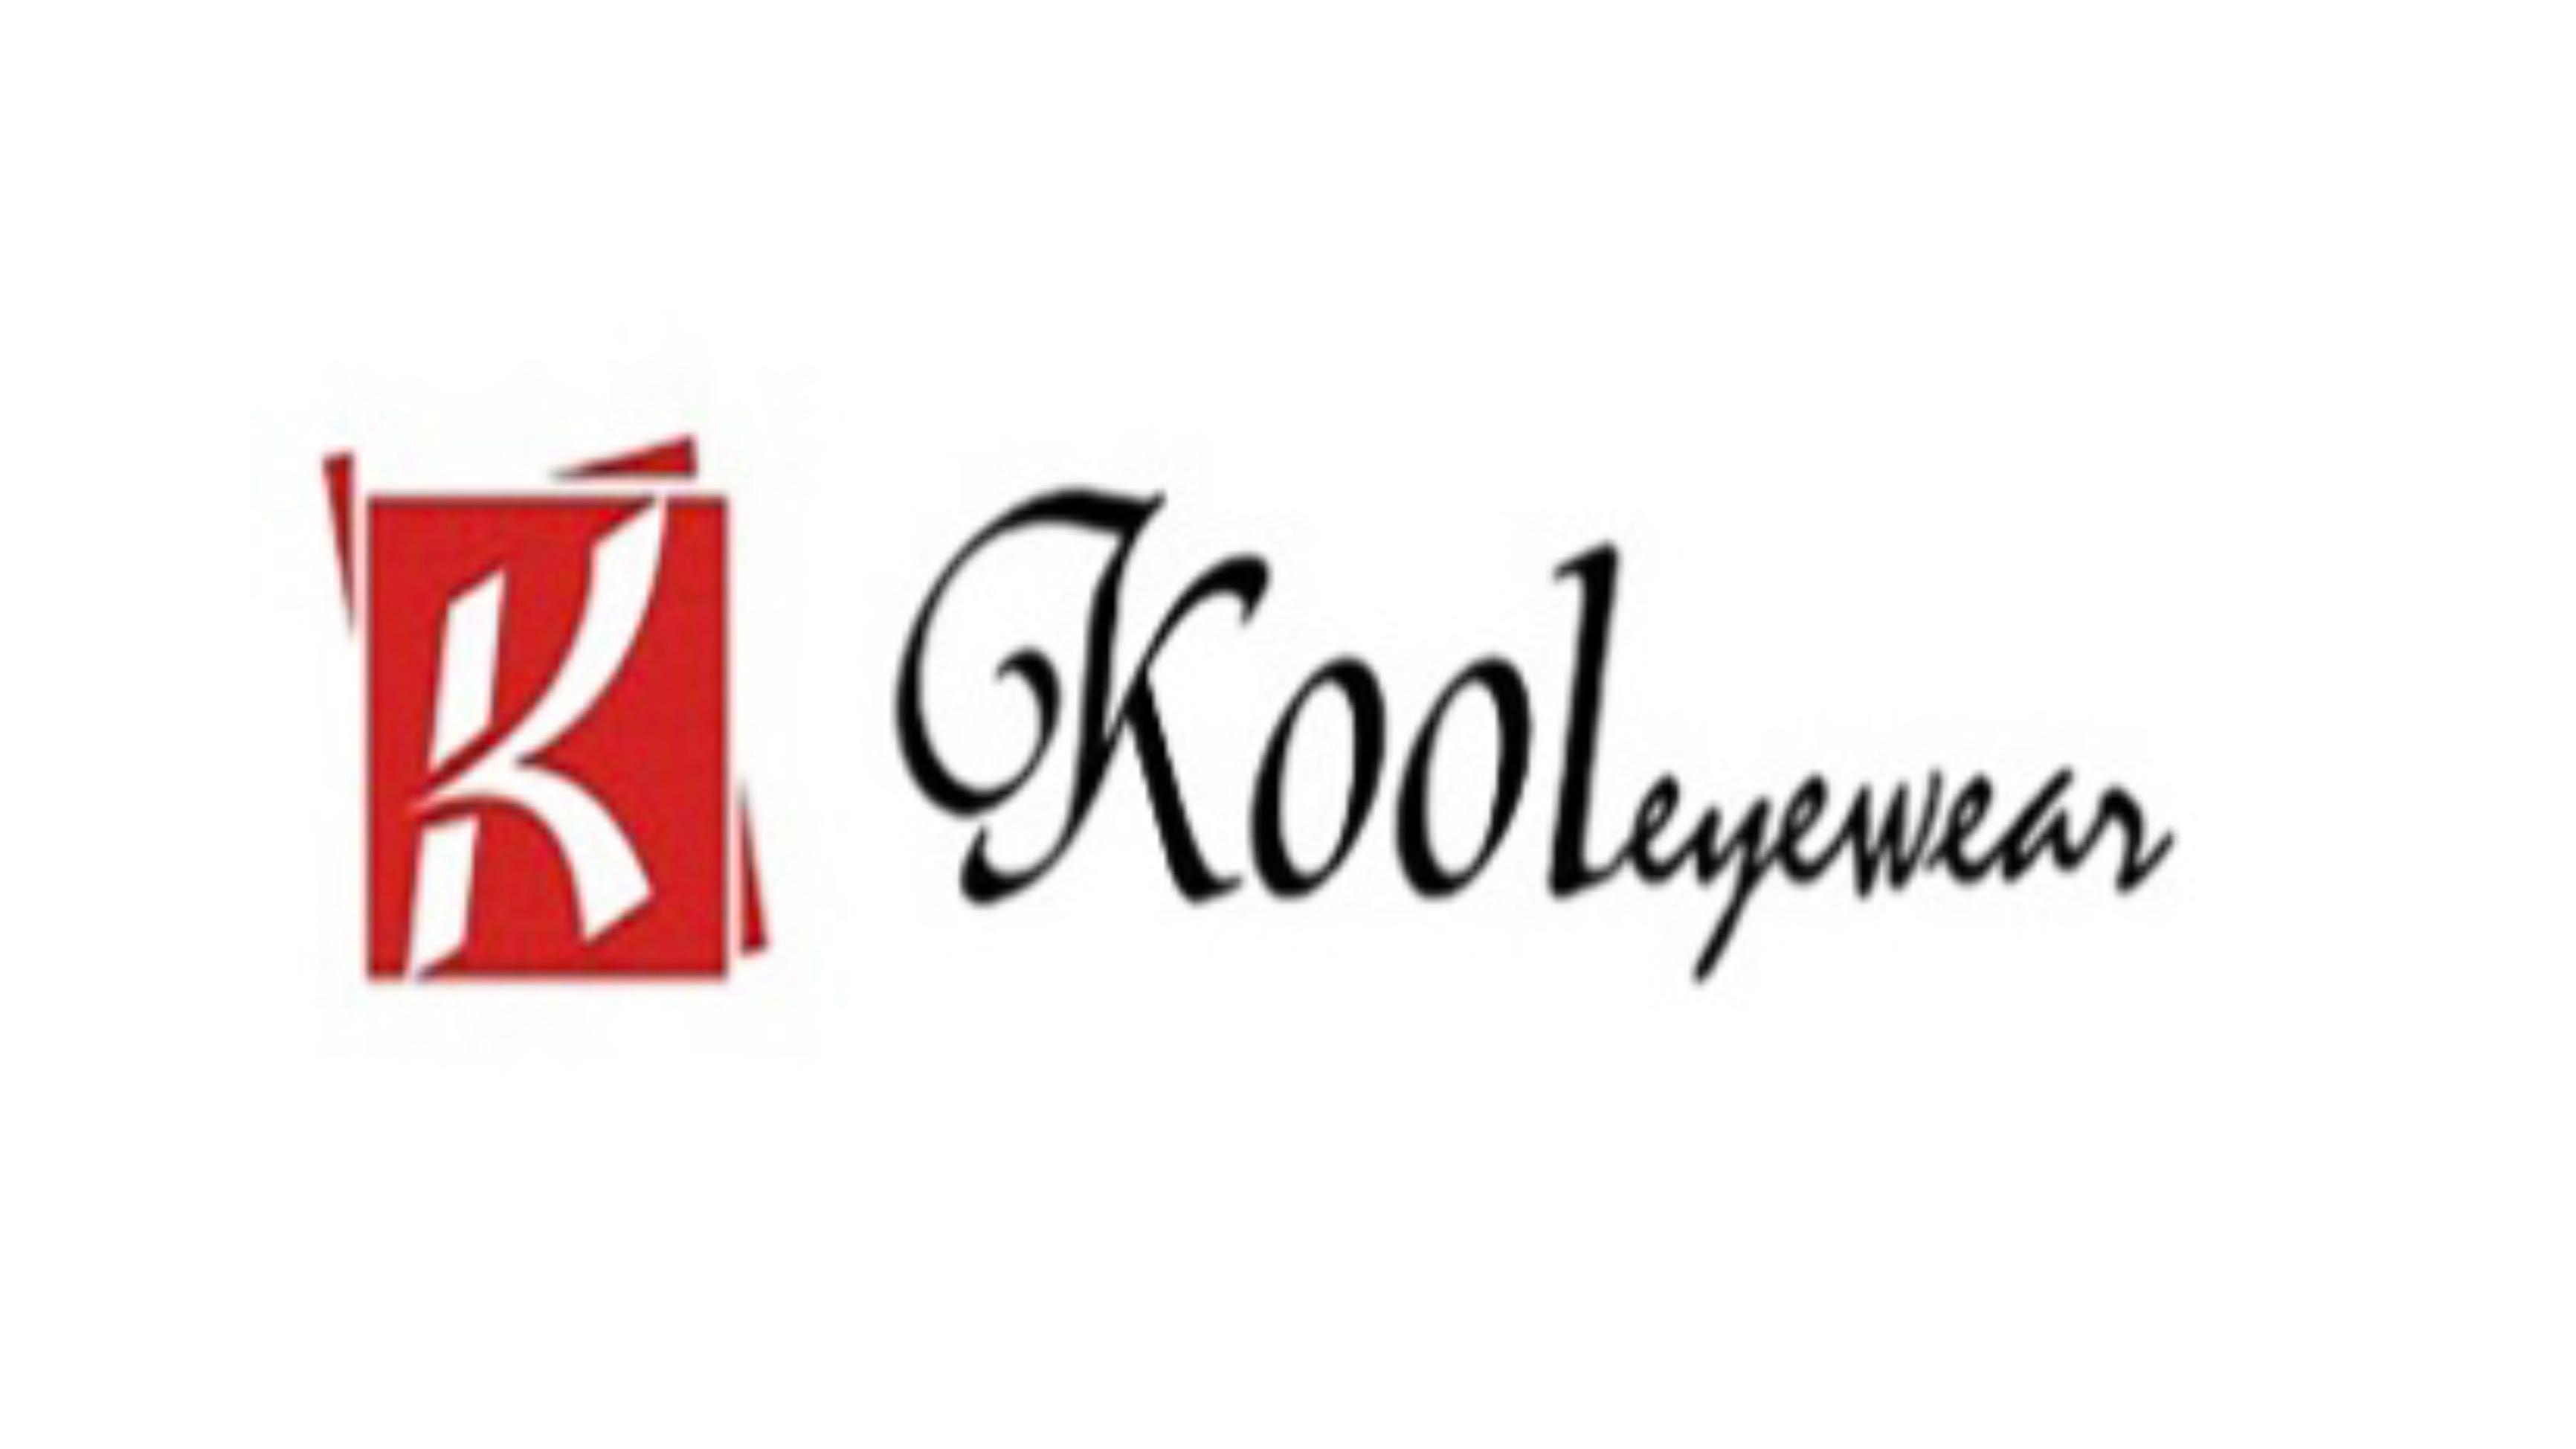 Kool eyewear